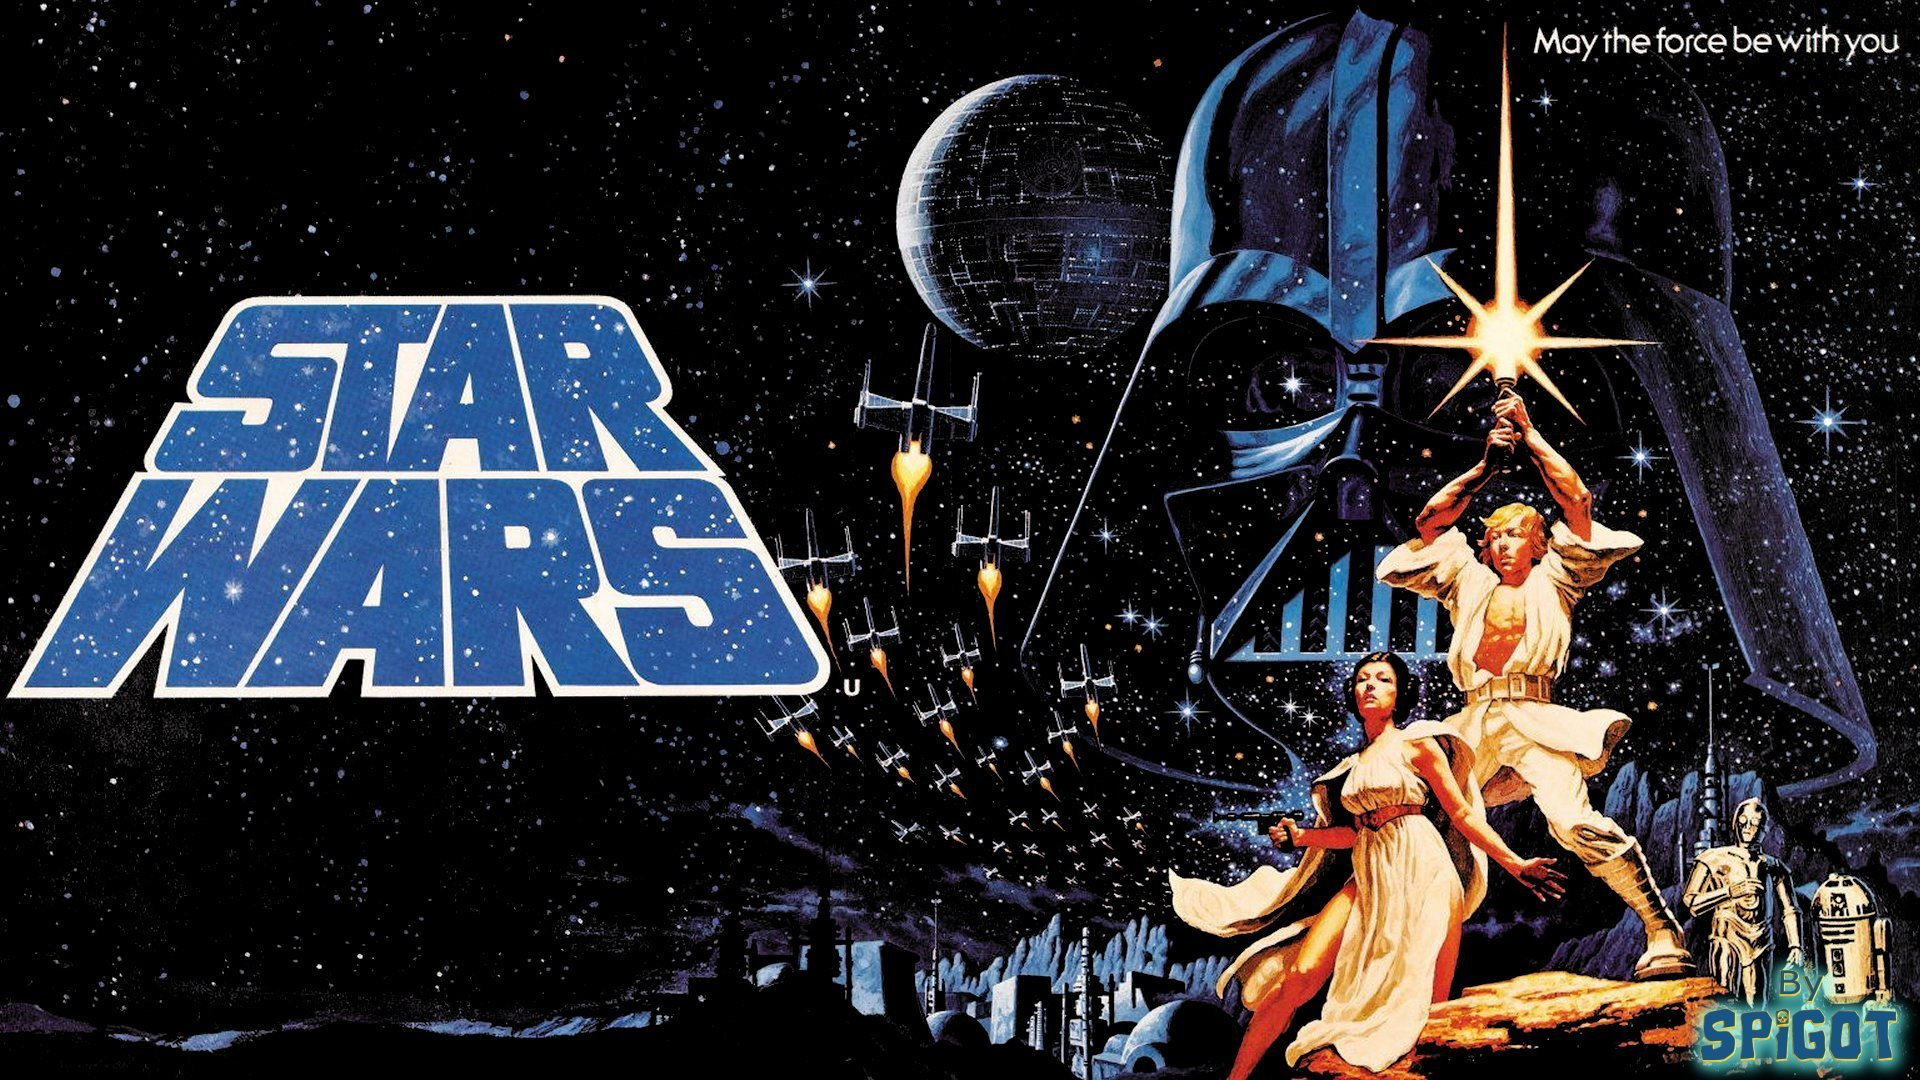 Description: Star Wars Wallpaper HD is a hi res Wallpaper for pc ...